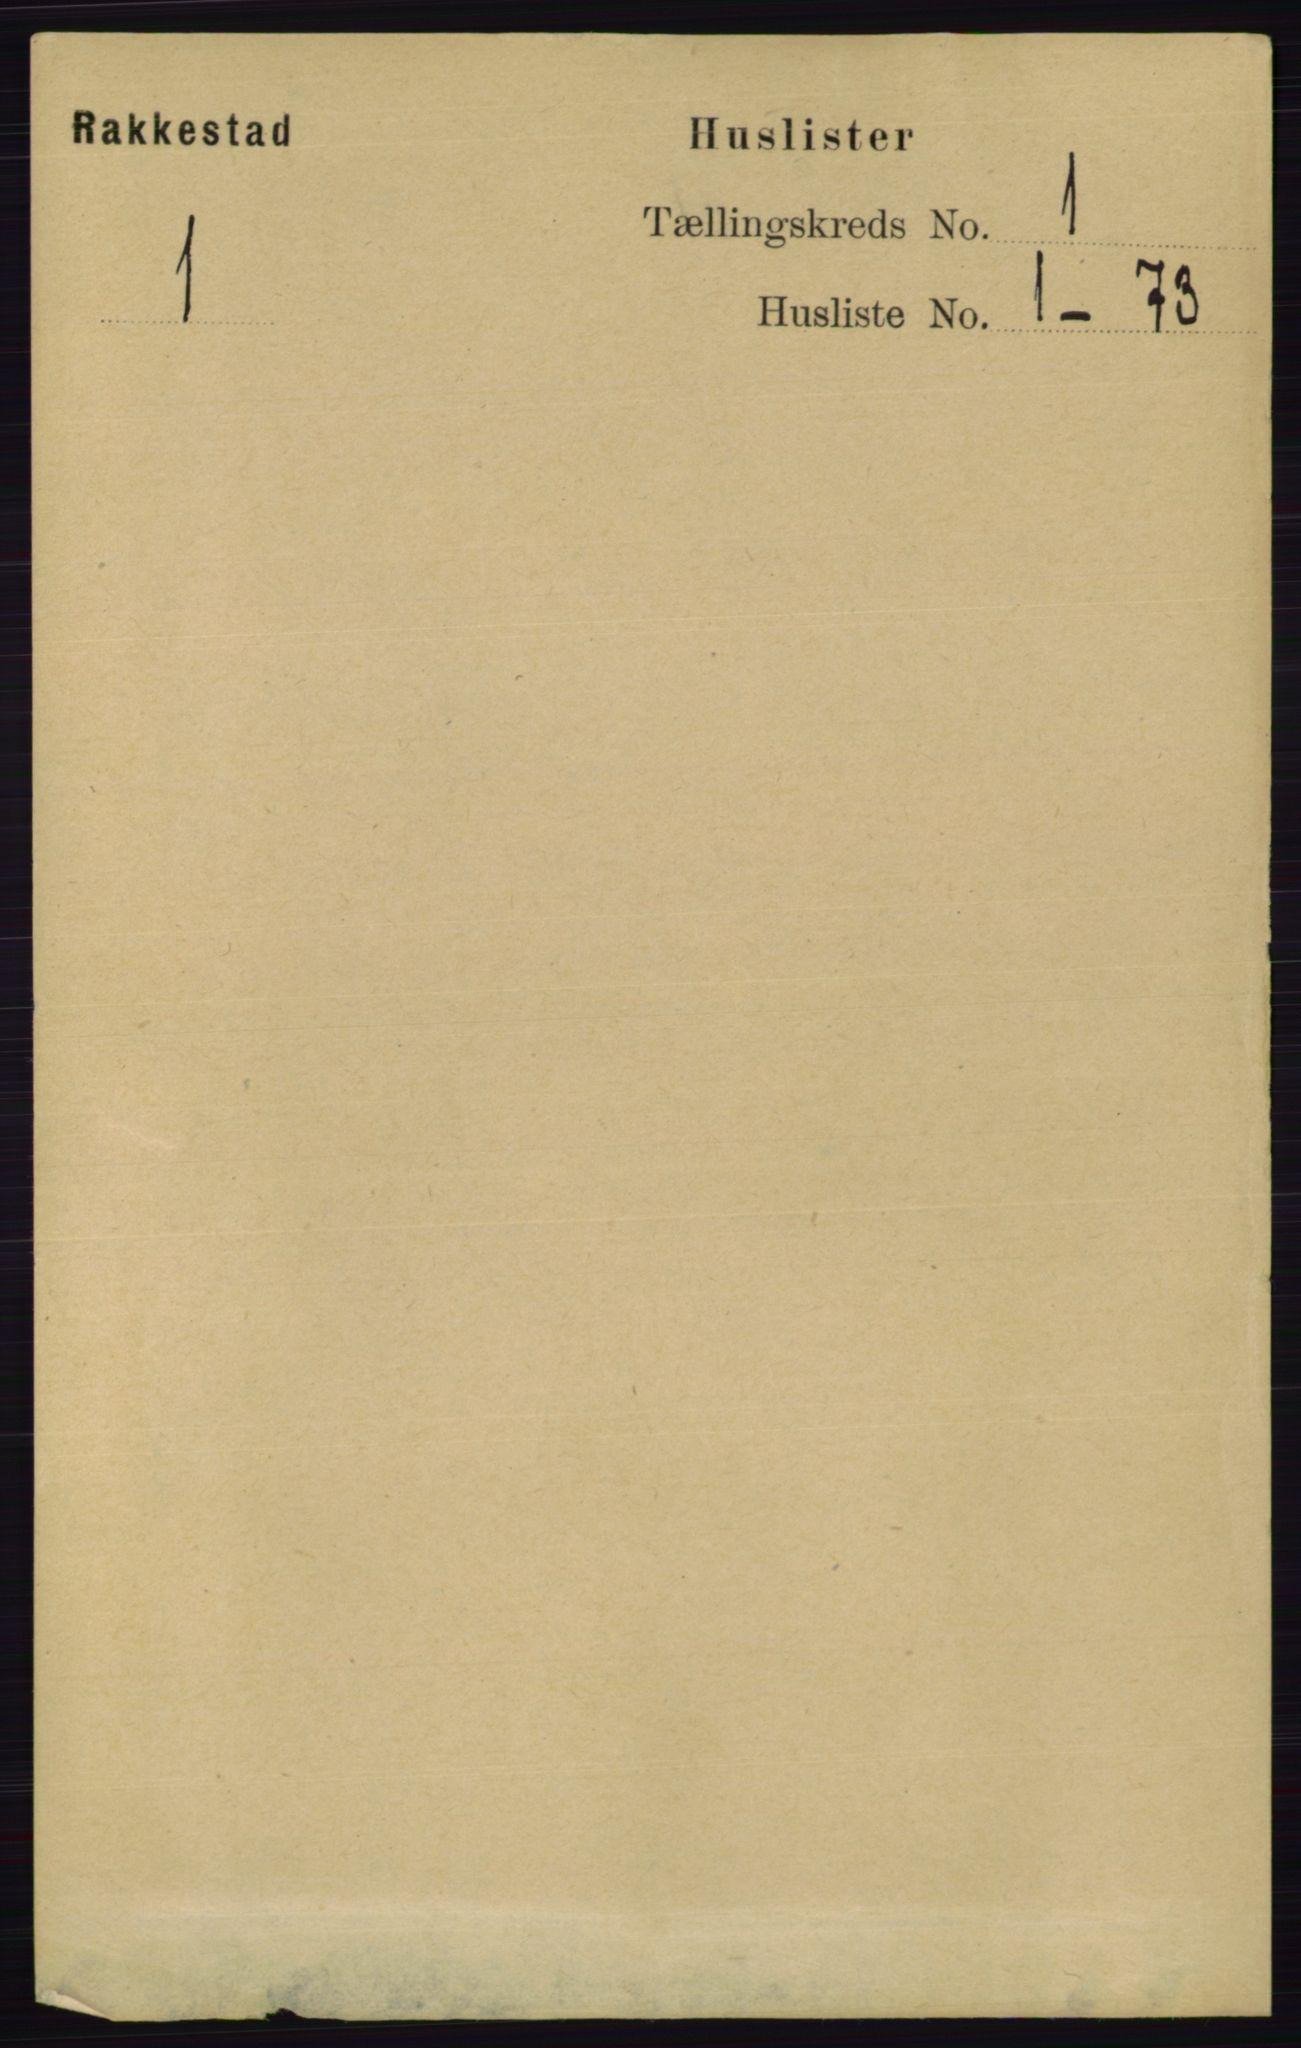 RA, Folketelling 1891 for 0128 Rakkestad herred, 1891, s. 41